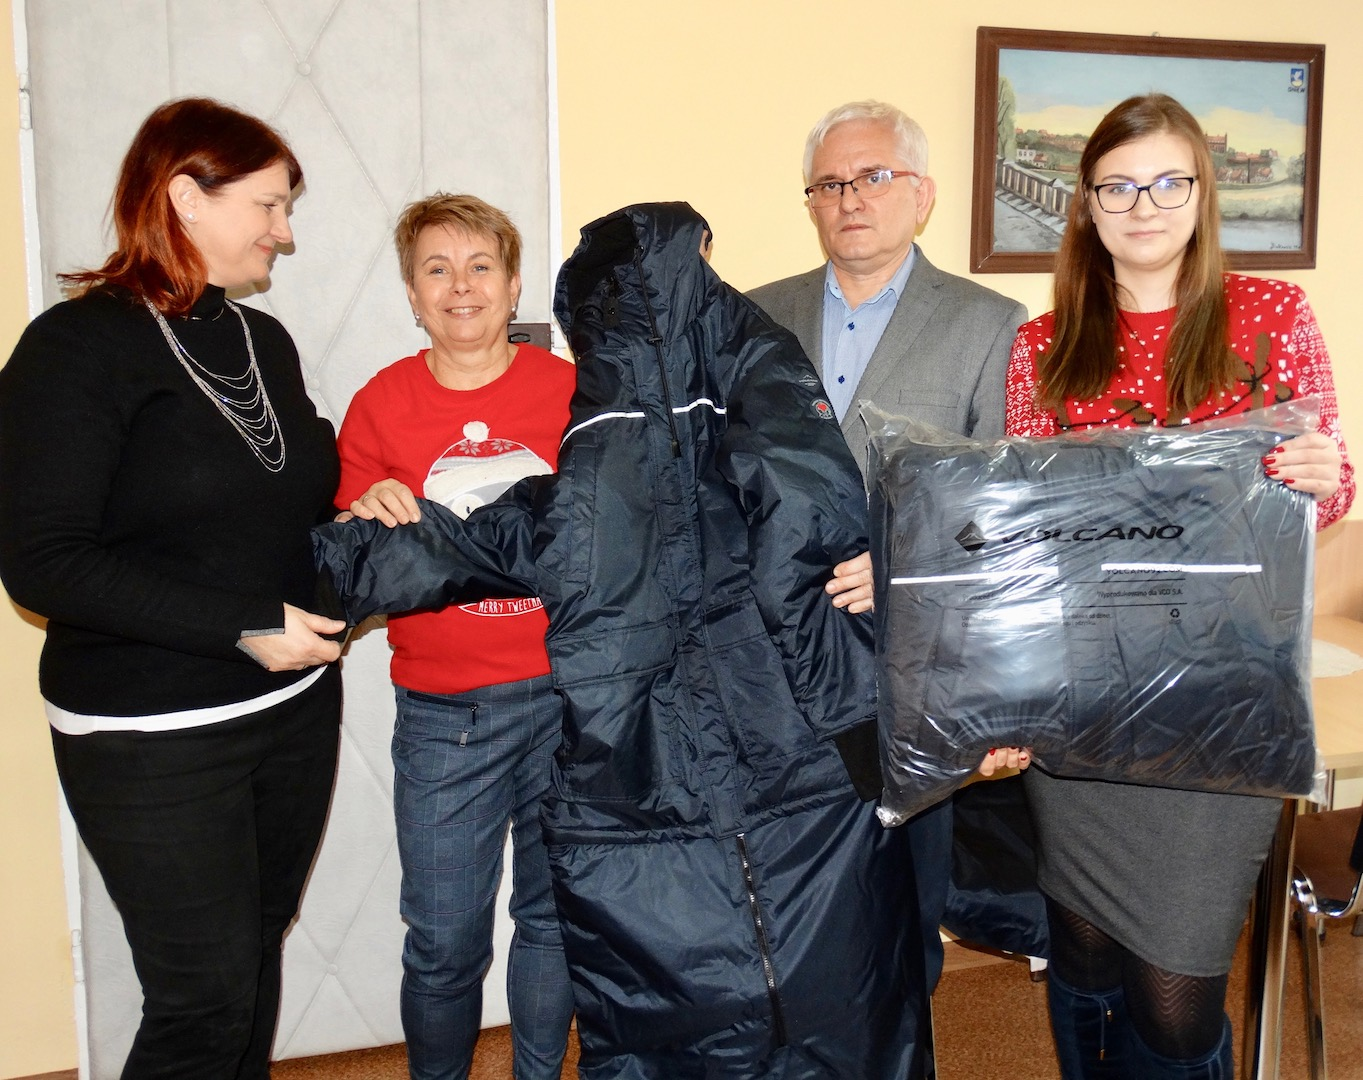 Pracownicy US w Tczewie przekazali kurtko – śpiwory potrzebującym